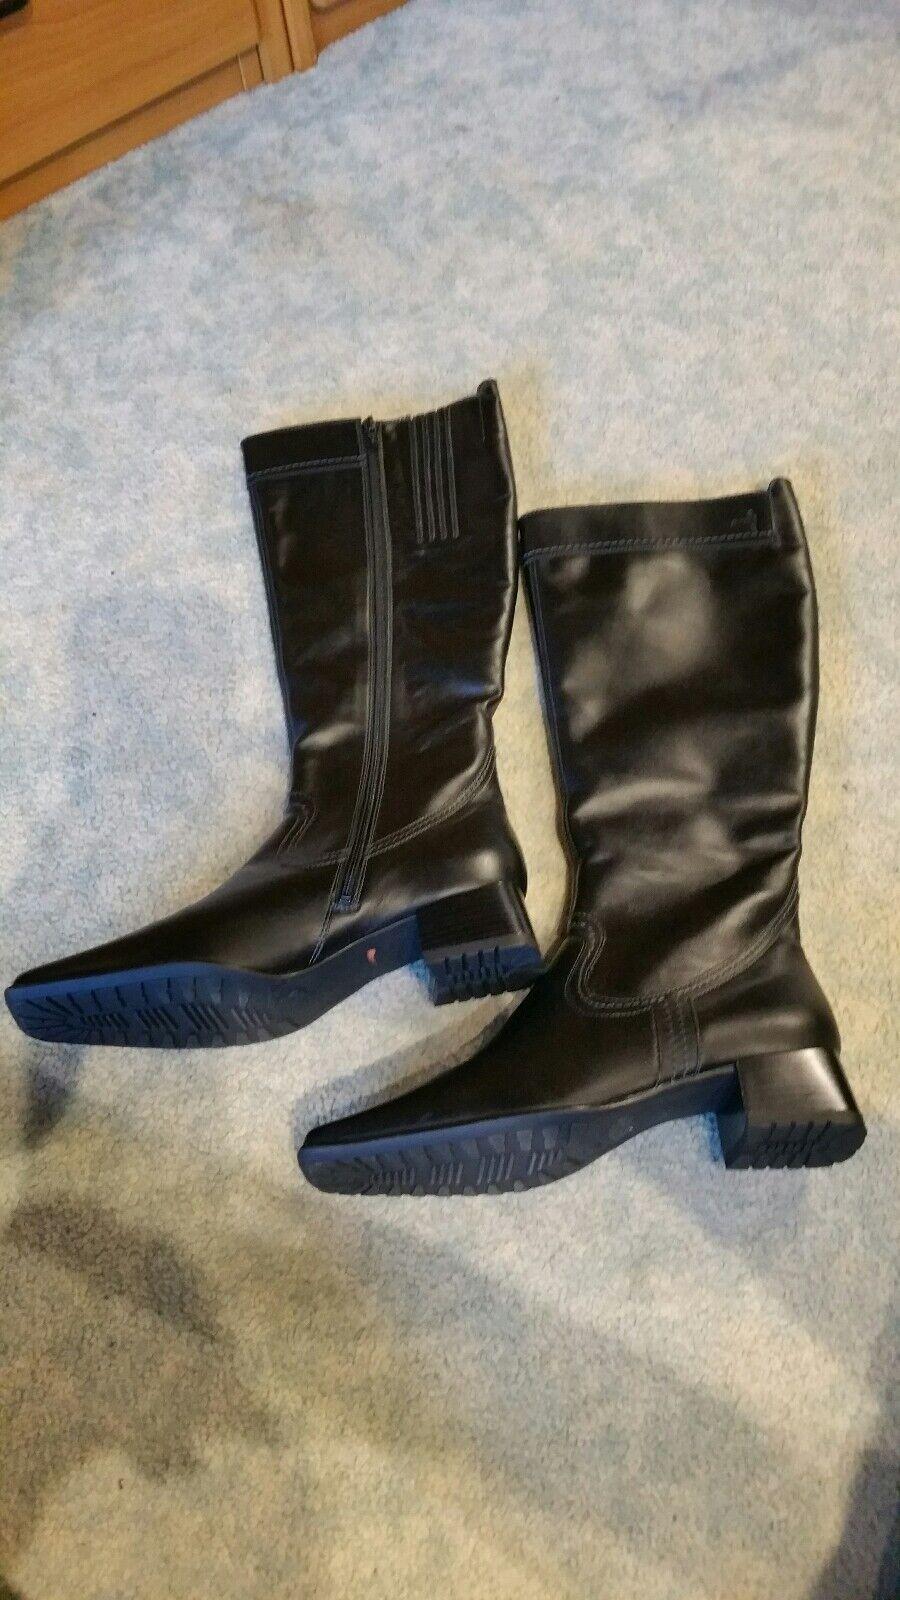 Ara Lederstiefel Stiefel Stiefel Stiefel schwarz neu Größe 38,5 bzw. 5 1 5   798c9c